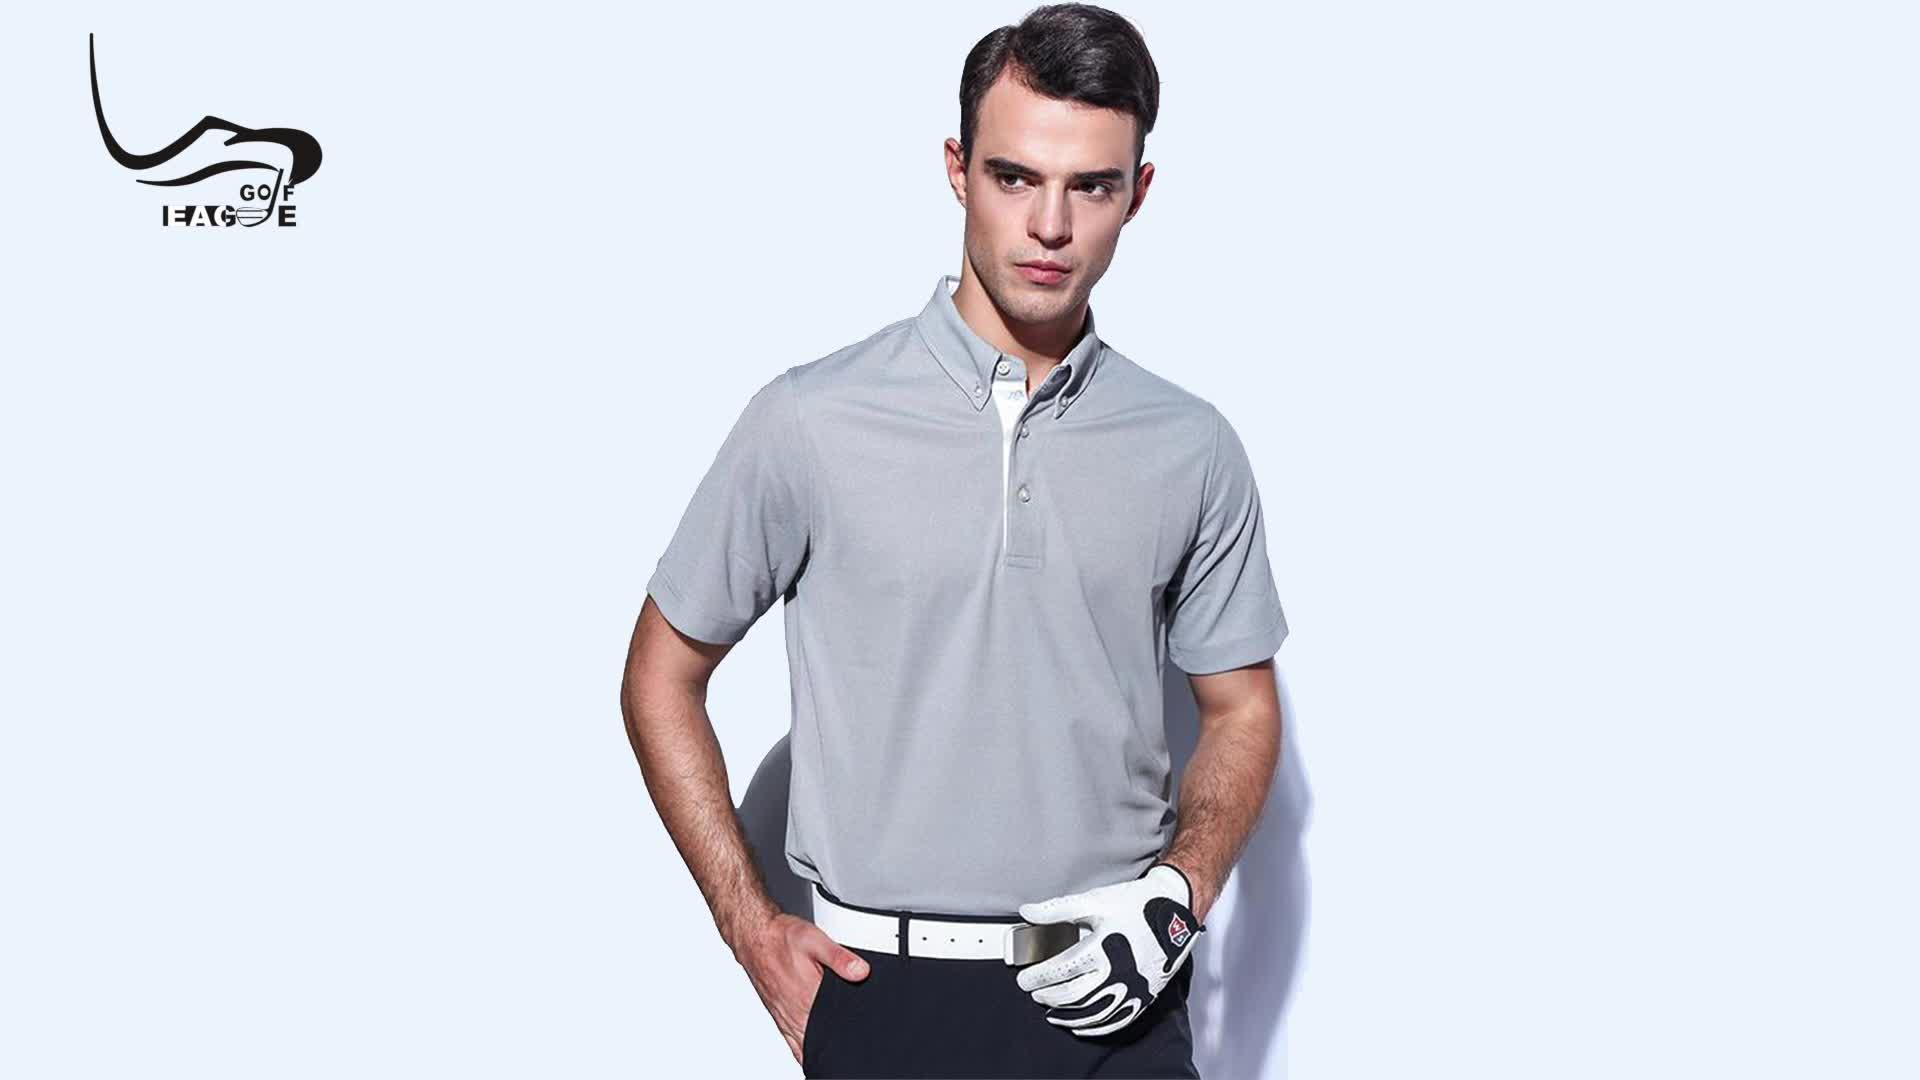 高品質ブレード襟プライベートラベル色コンビネーションカラーデザインマルチカラーポロシャツ